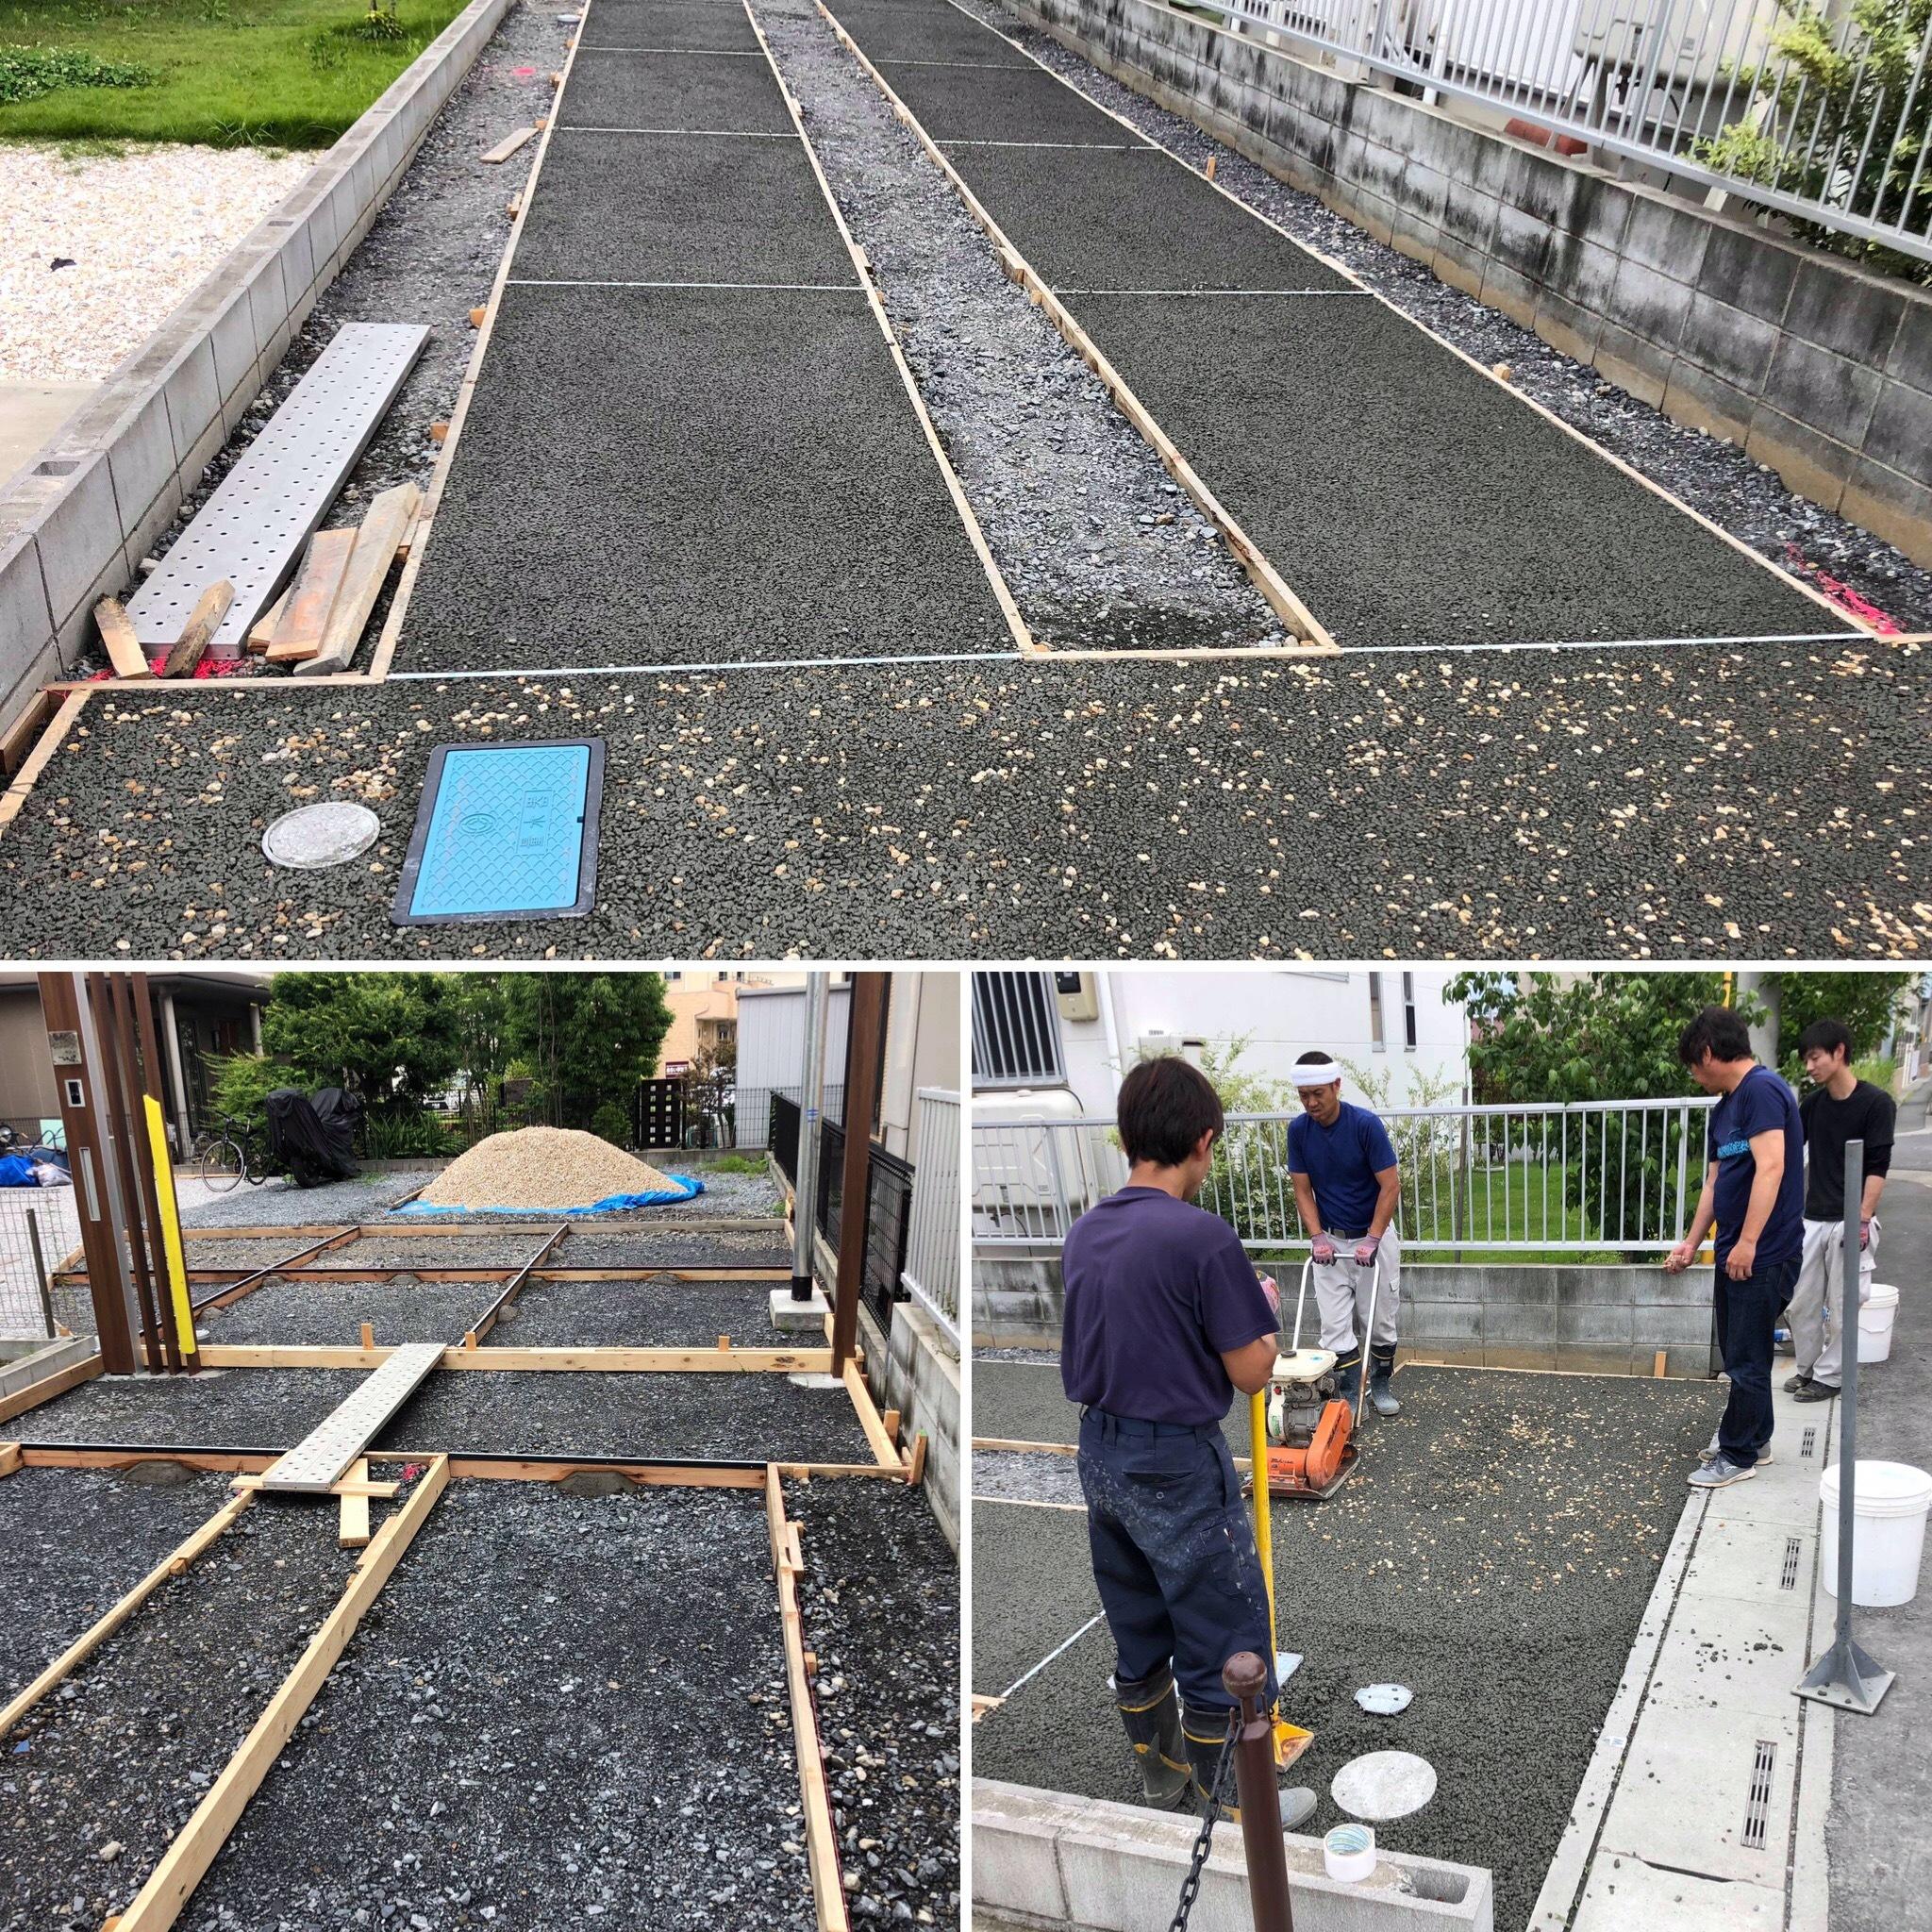 【埼玉】「土間コンクリートではありふれている」2つのシマを自由に行き来できる舗装